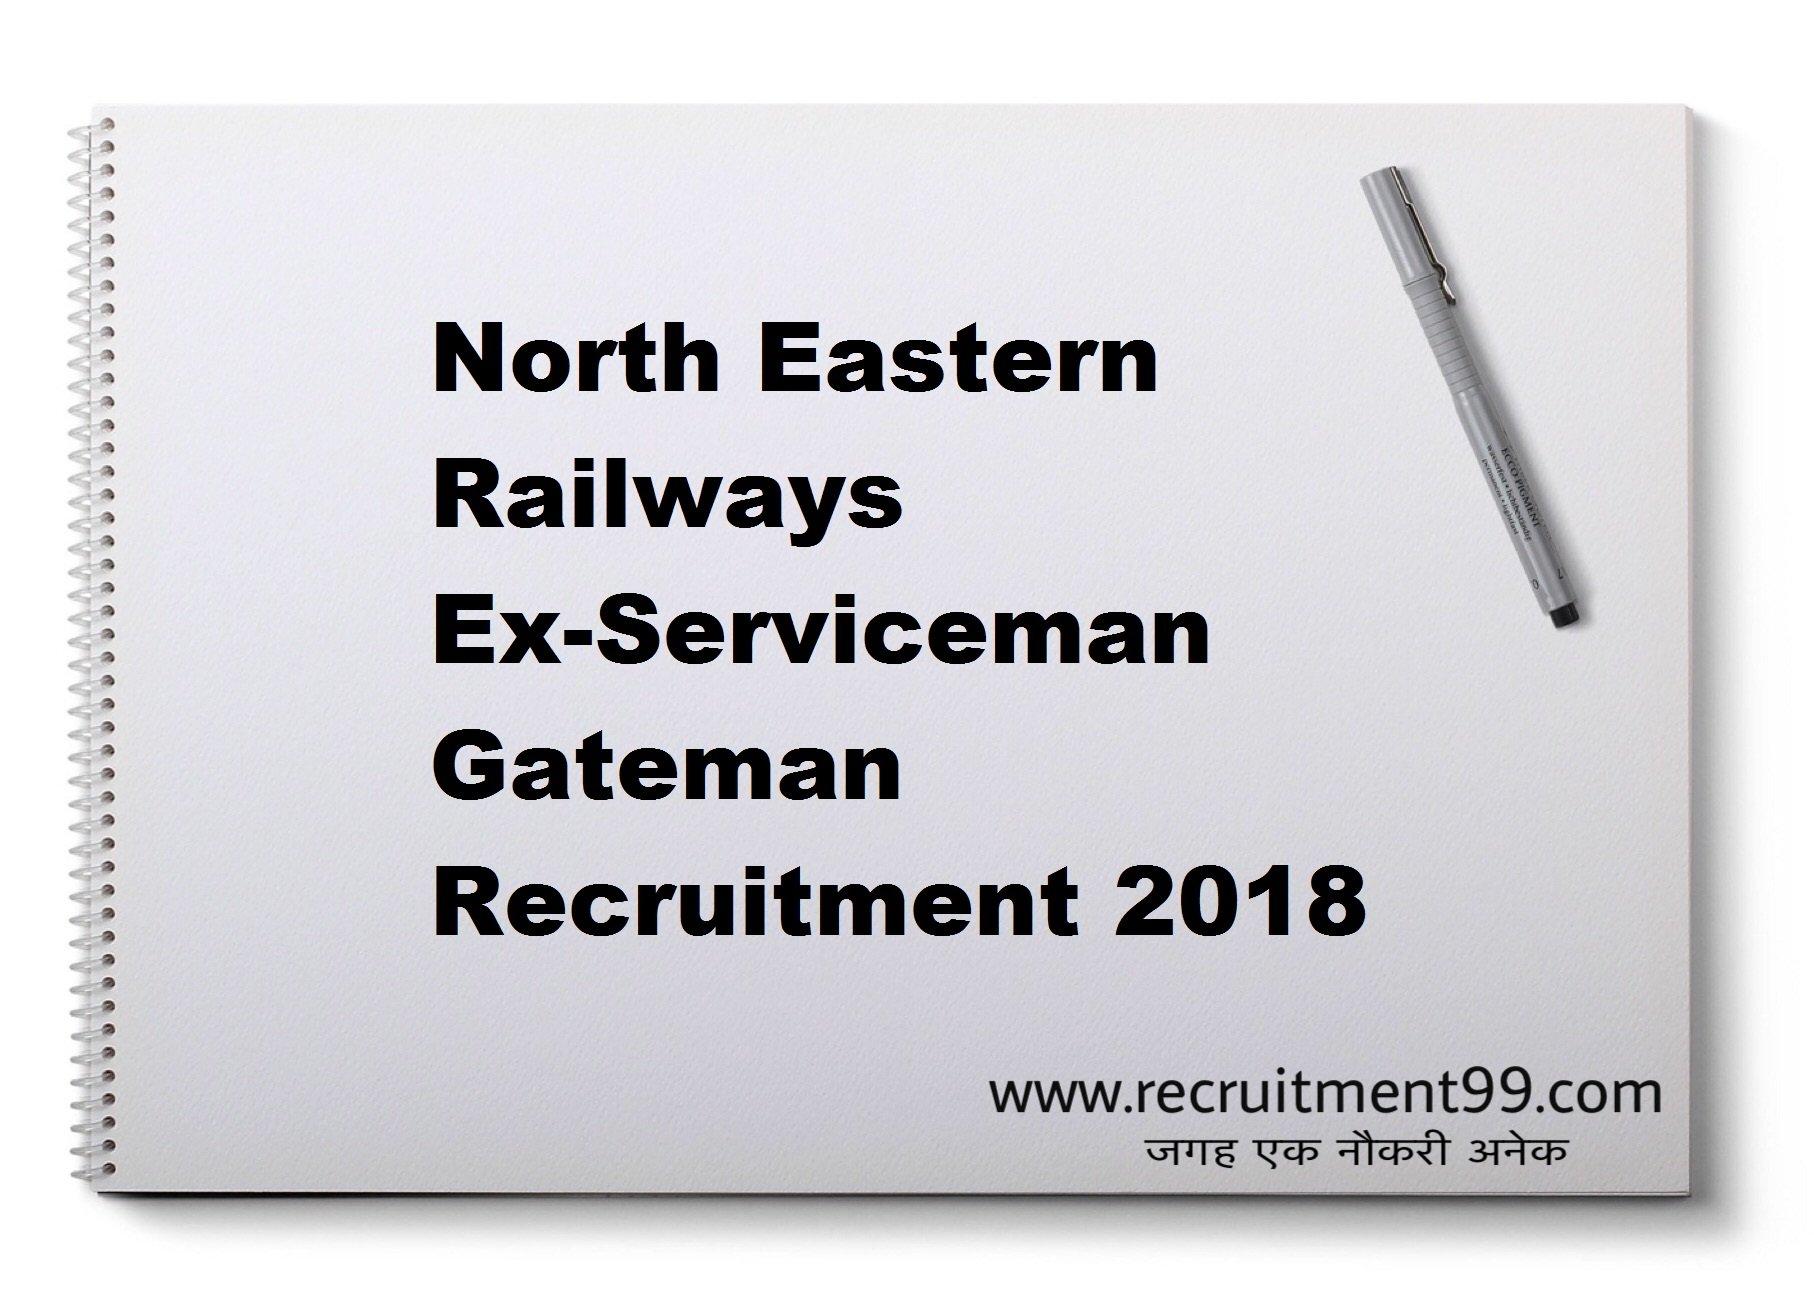 North Eastern Railways Ex-Serviceman Gateman Recruitment Admit Card Result 2018